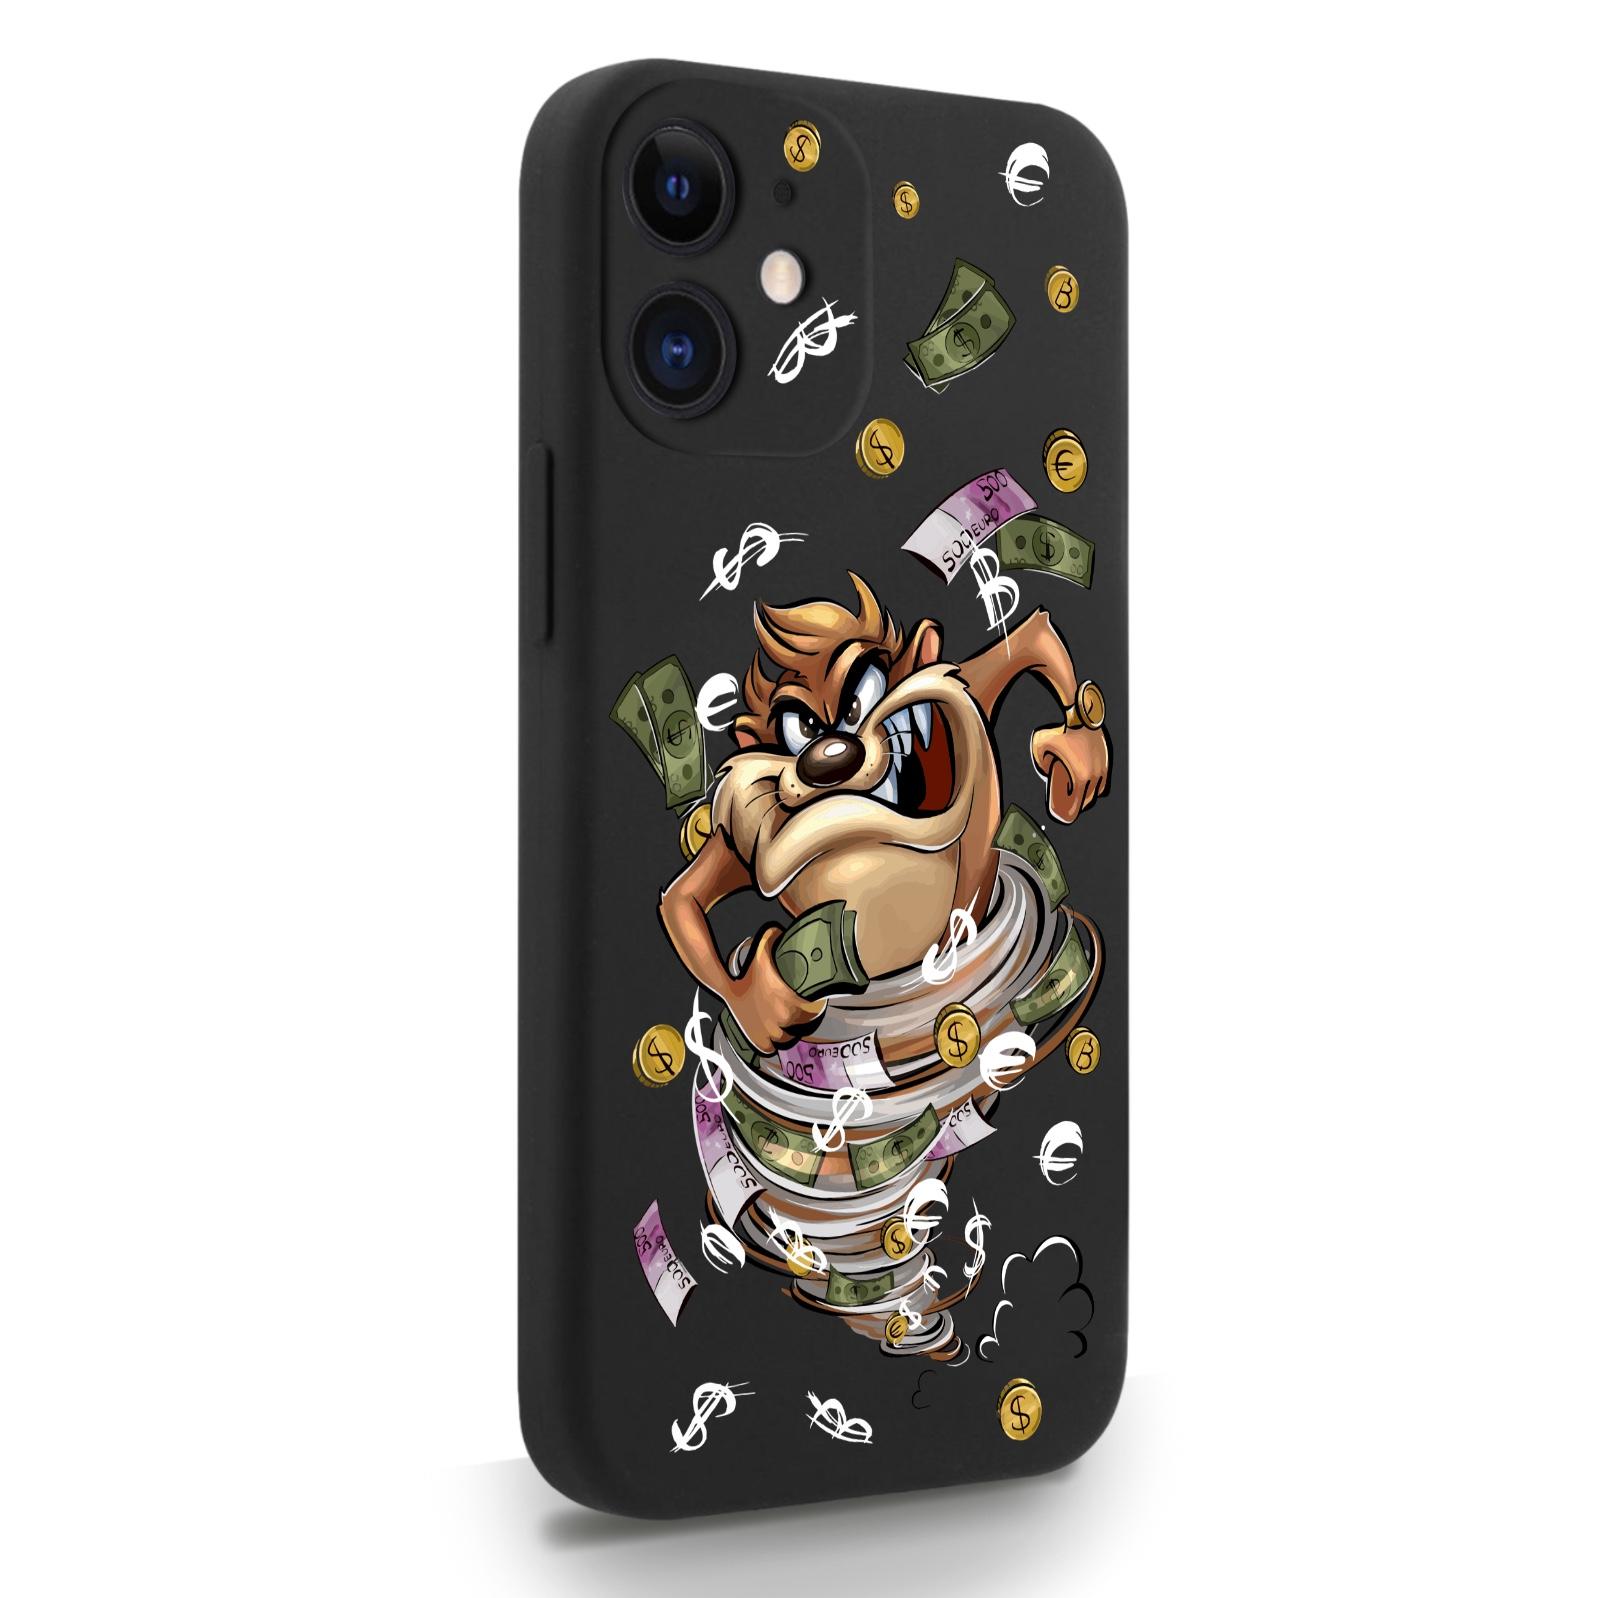 Черный силиконовый чехол для iPhone 12 Mini Торнадо для Айфон 12 Мини